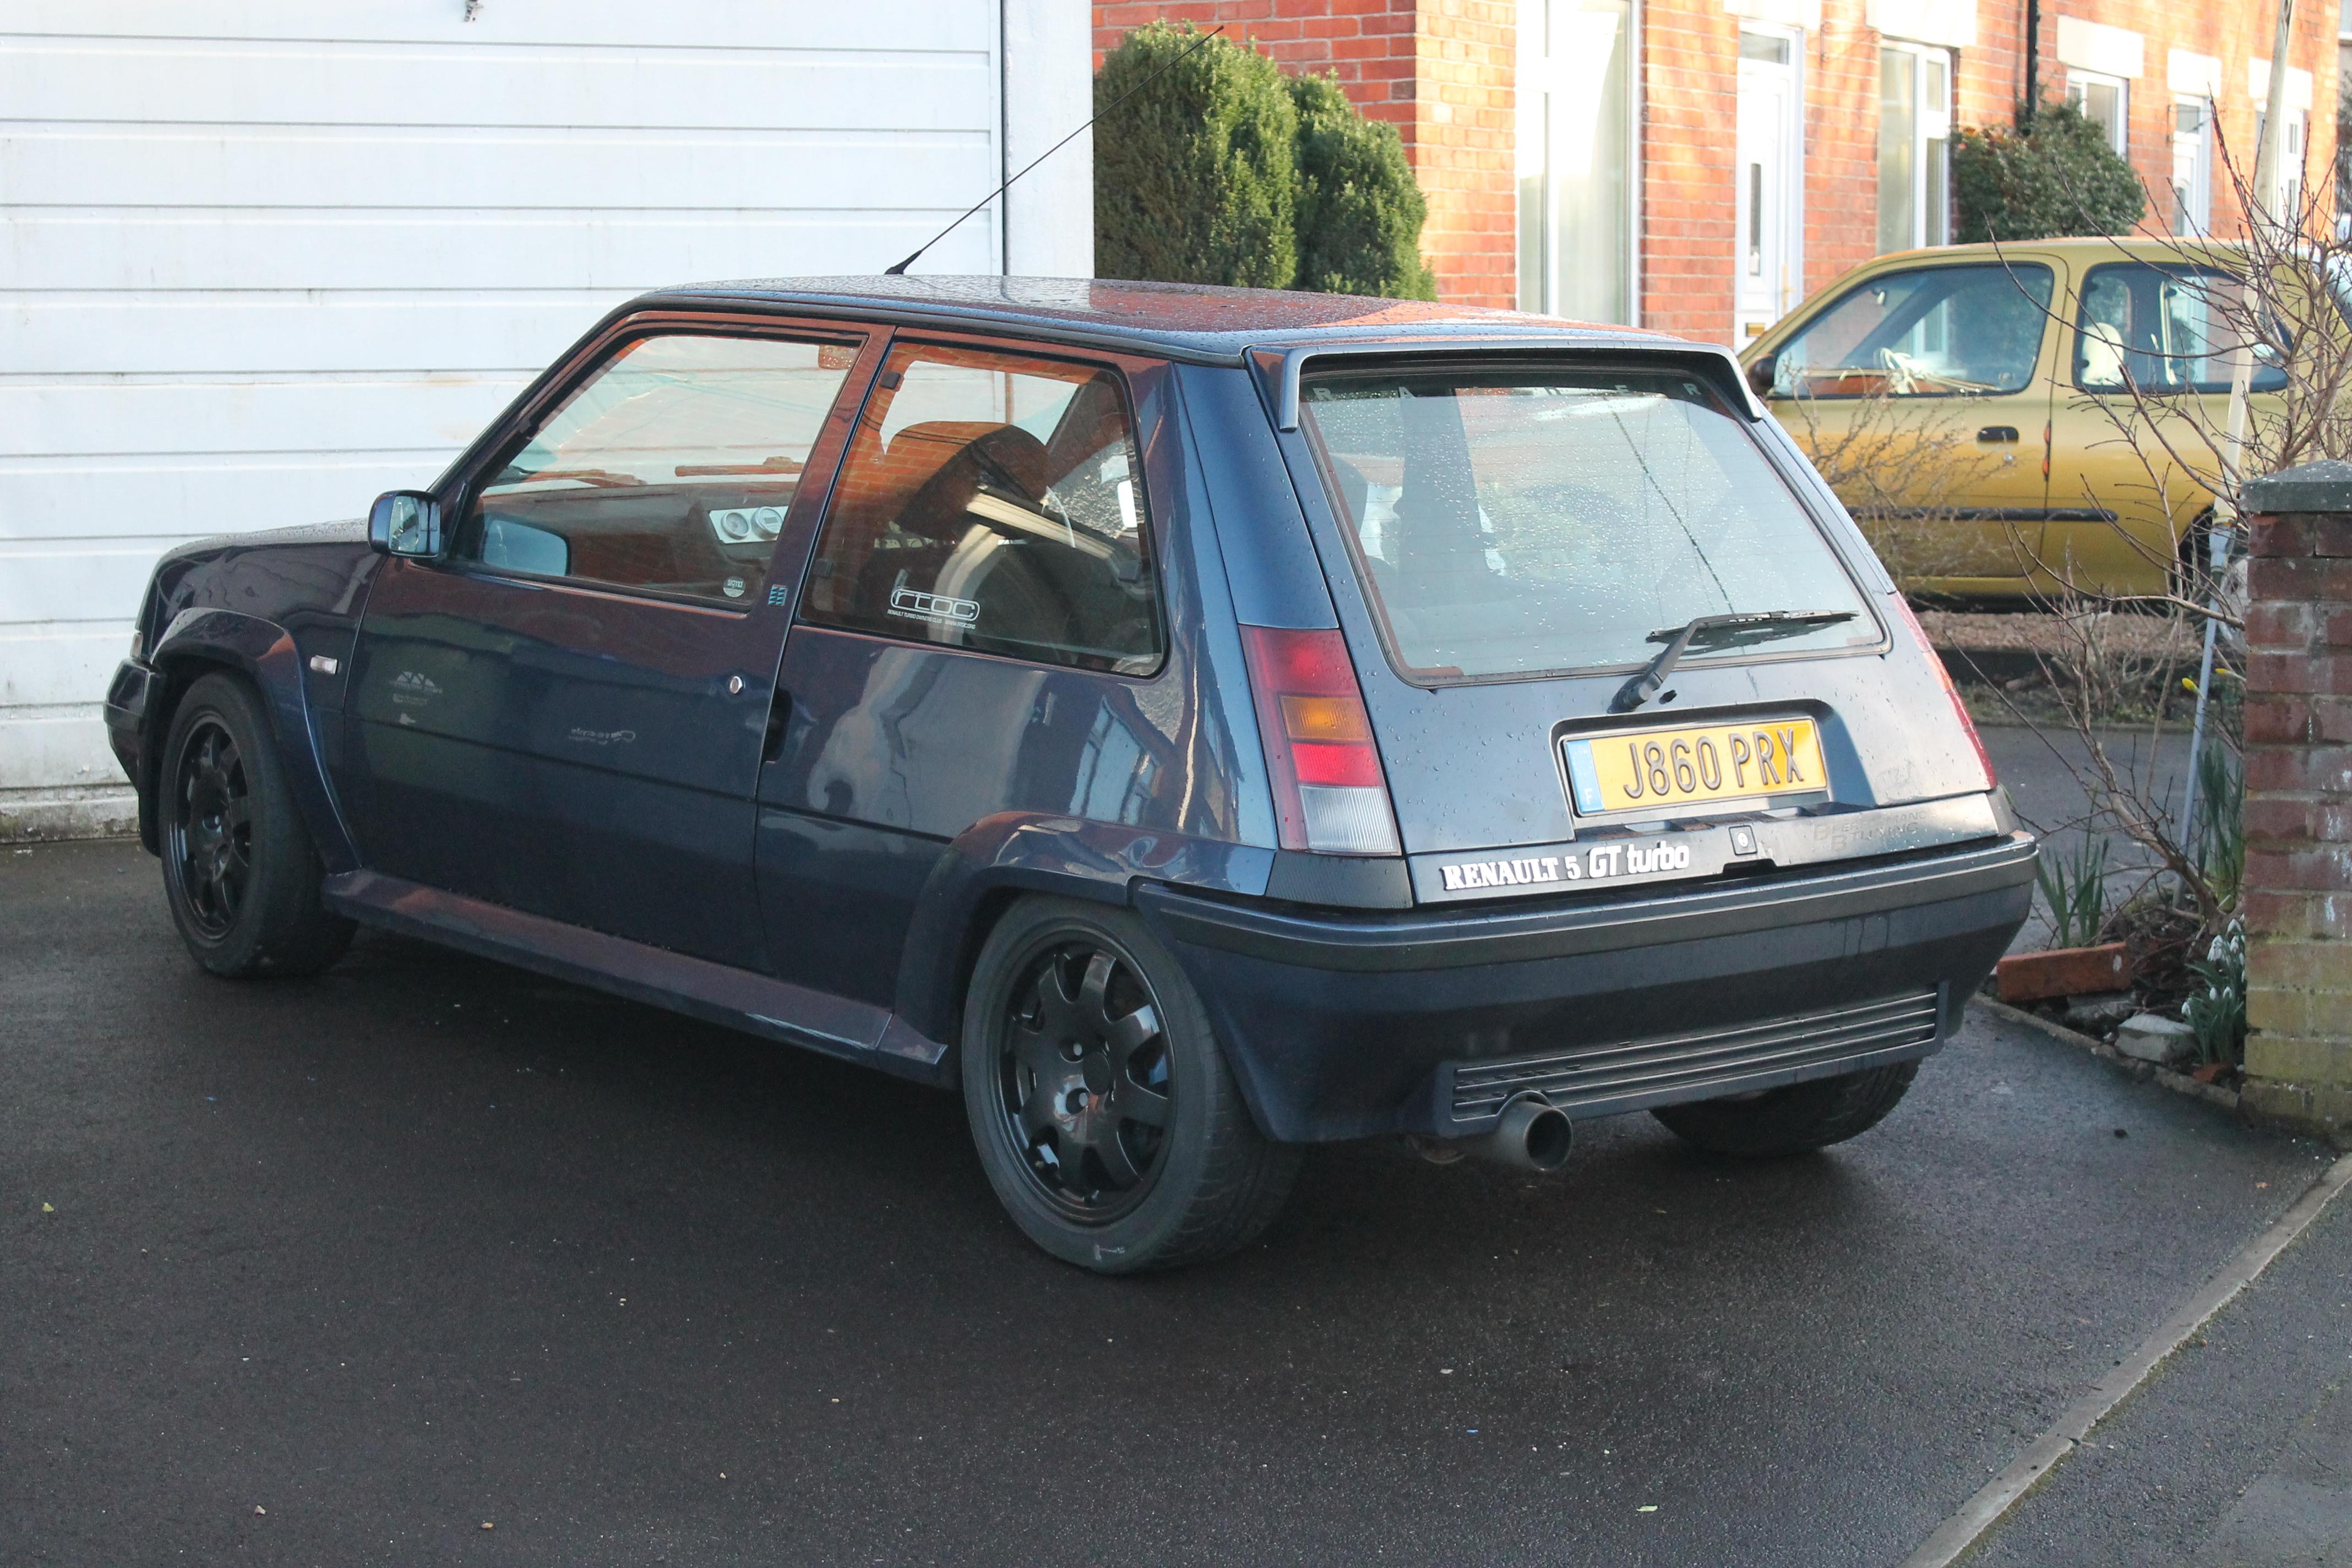 File:1991 Renault 5 Raider (GT Turbo) Very rare (13040261415).jpg ...